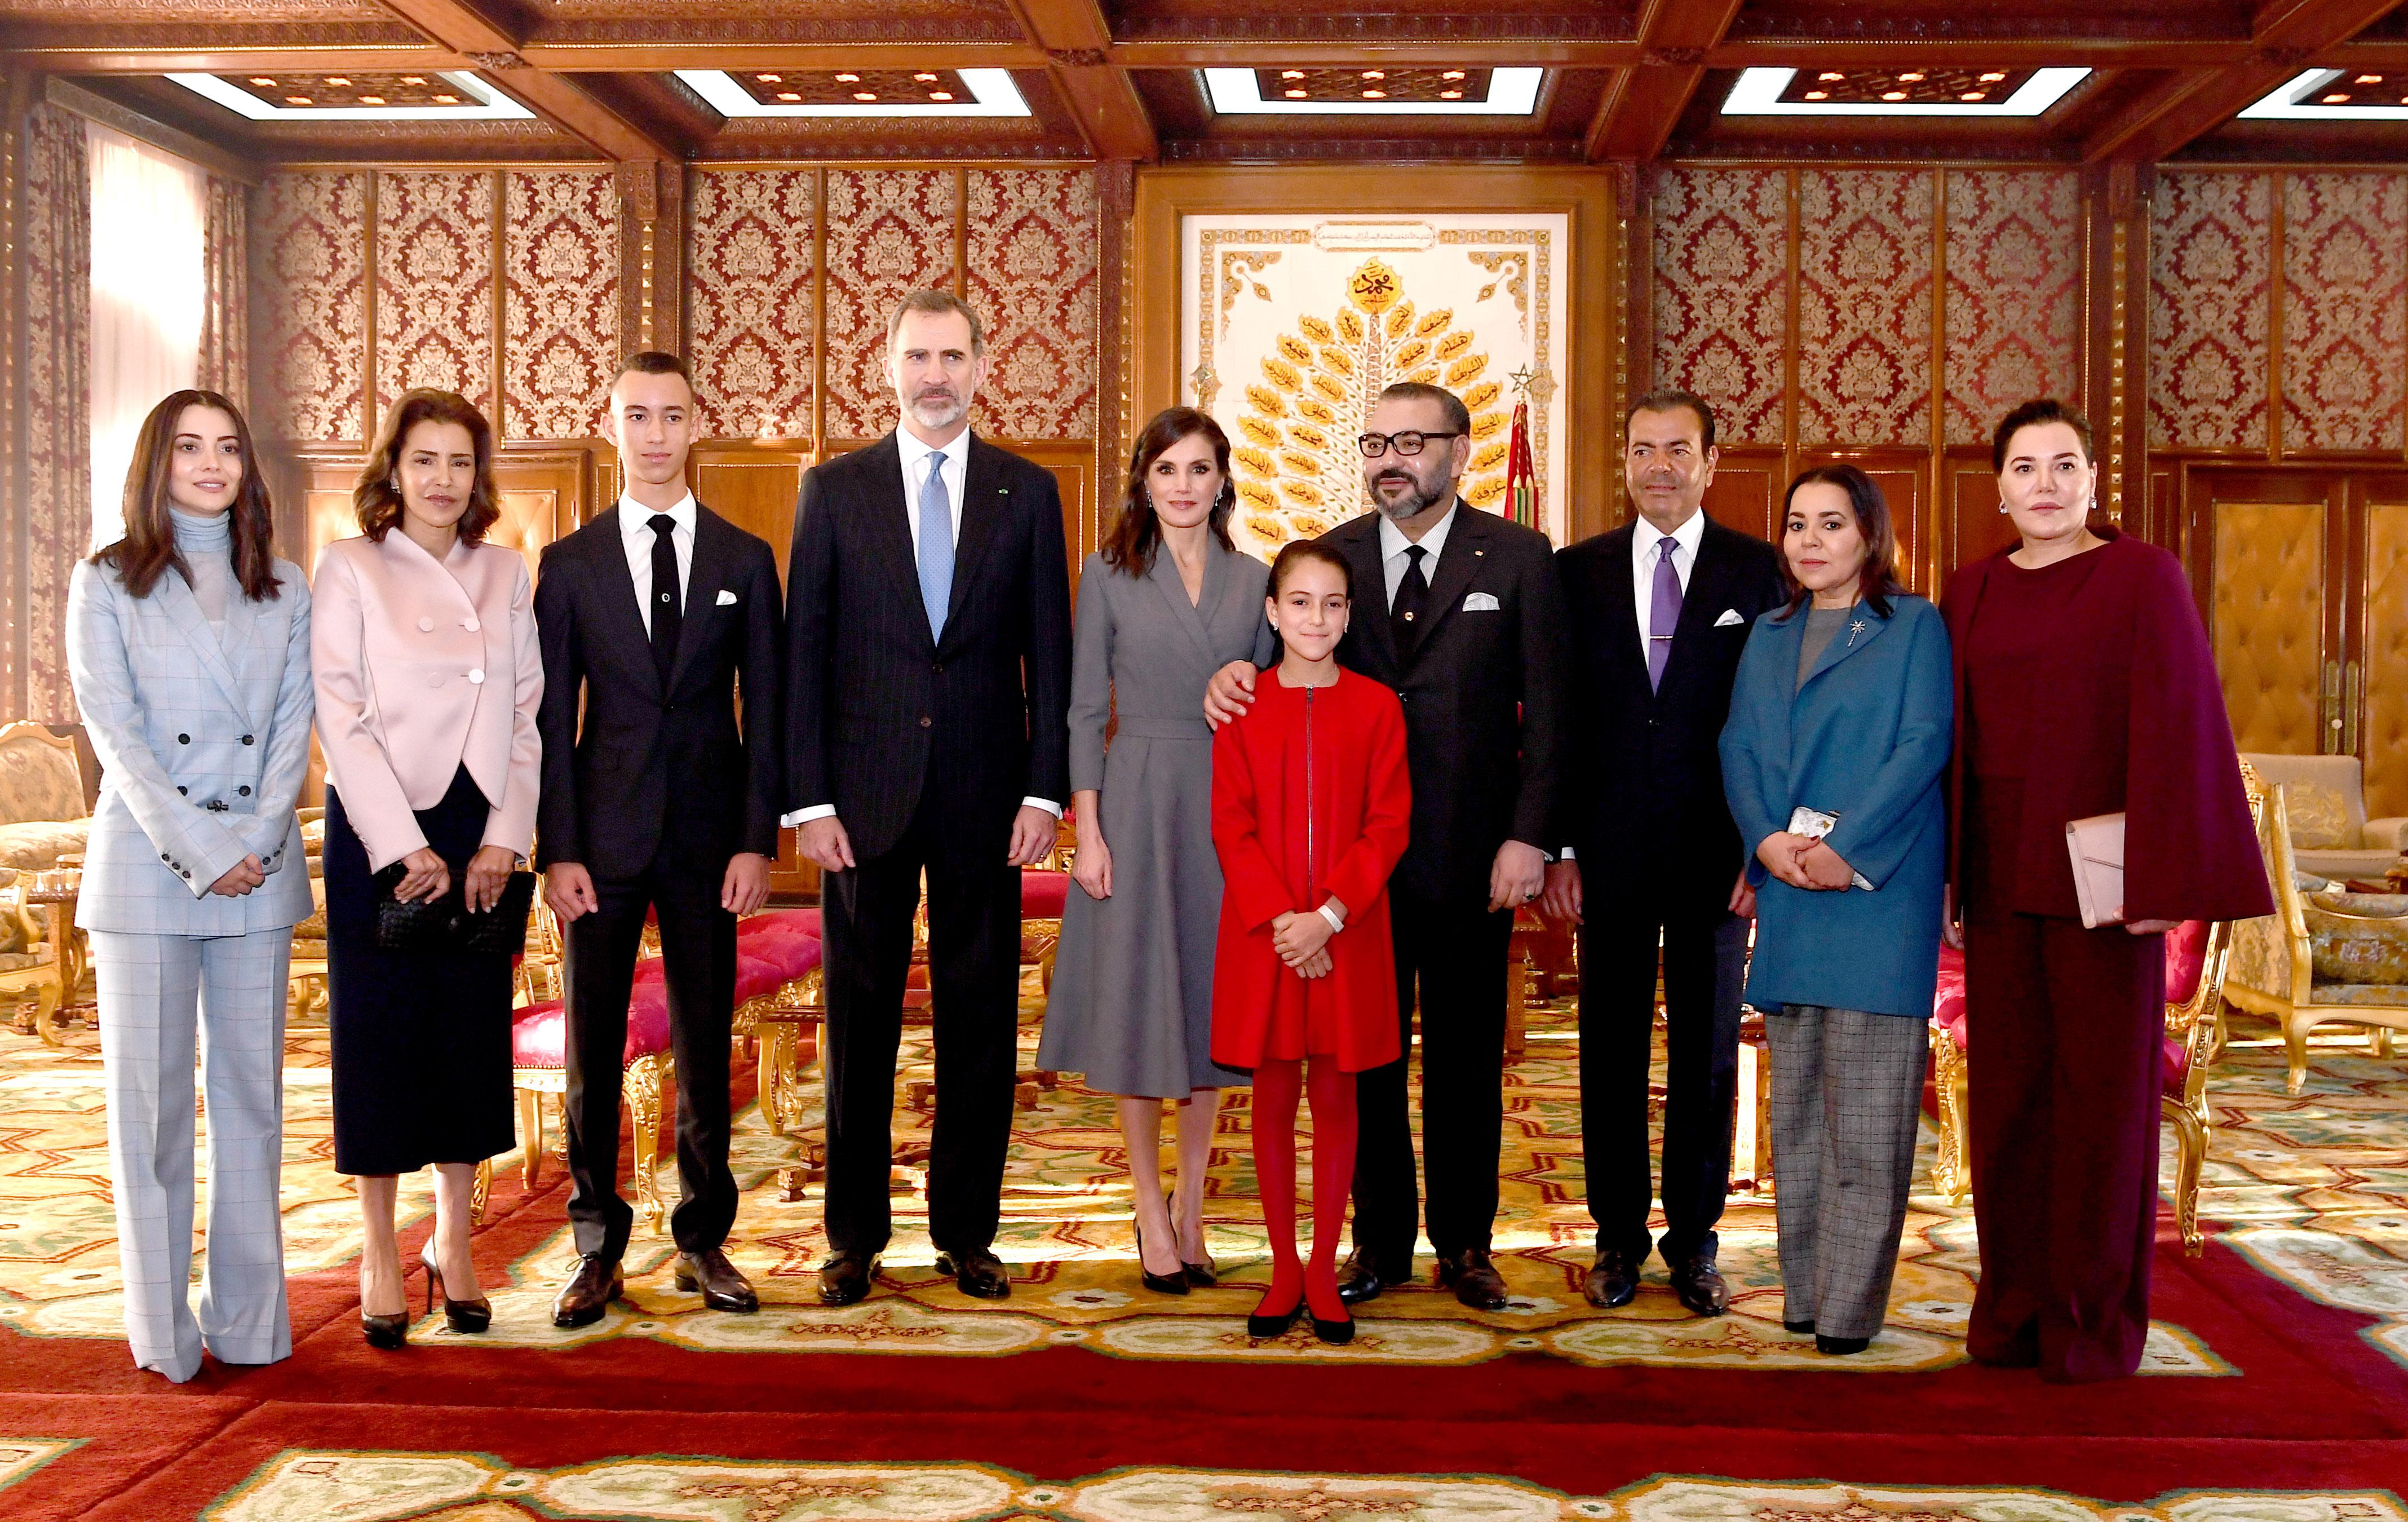 العاهل الإسباني الملك فيليبي السادس والملكة ليتيثيا يغادران المغرب في ختام زيارة رسمية